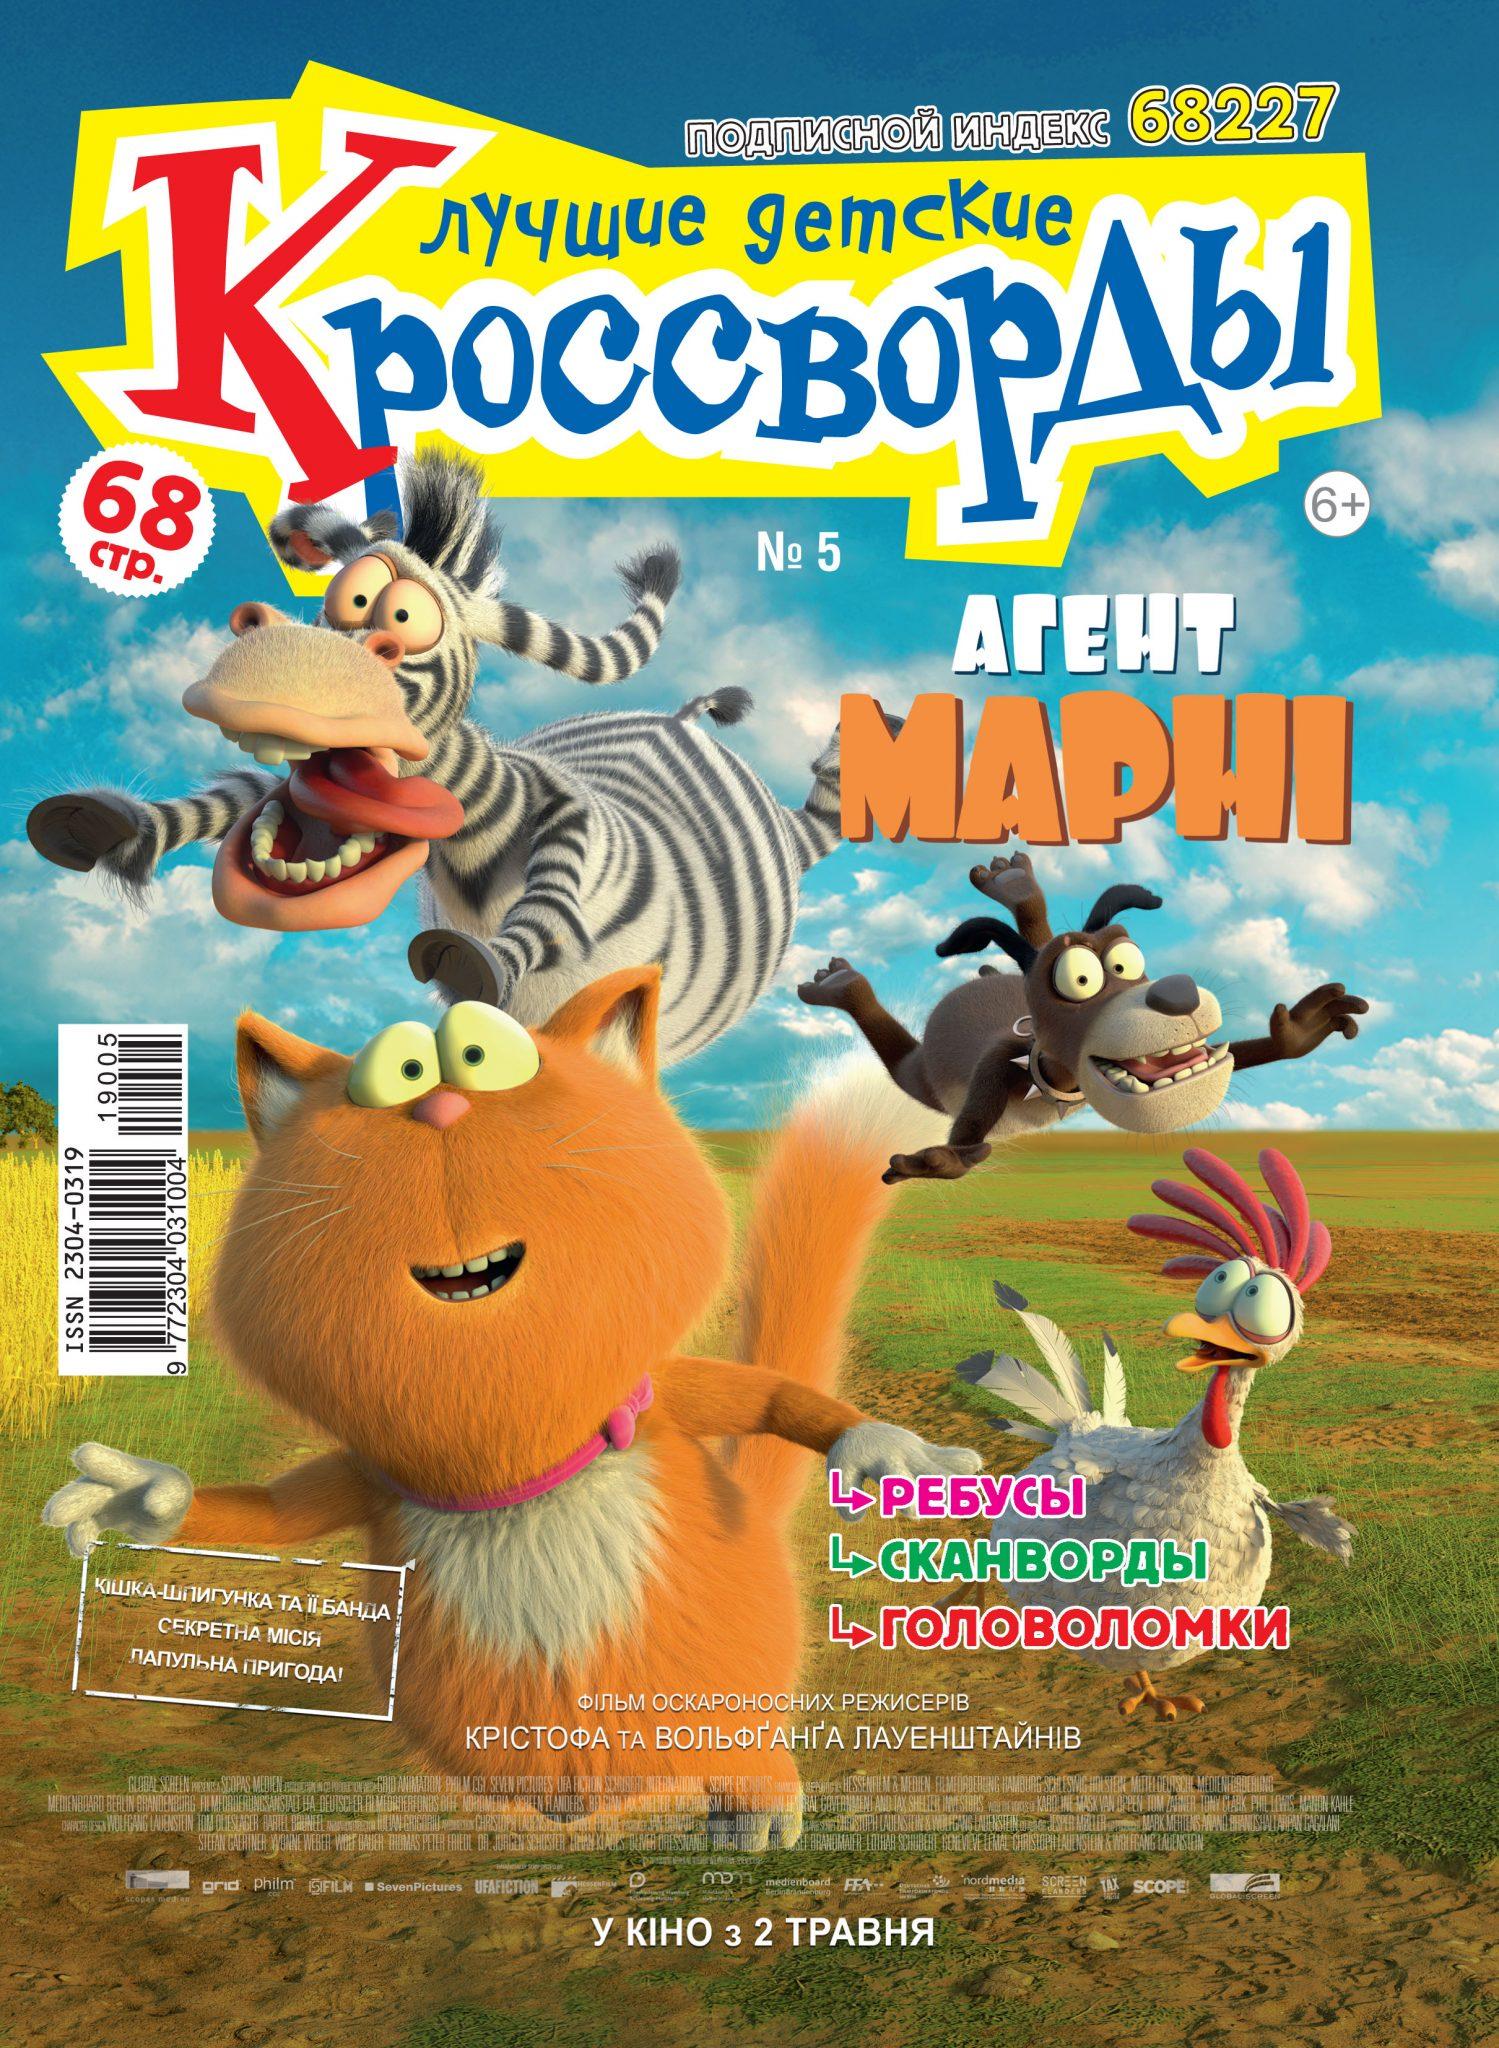 Лучшие детские кроссворды № 5